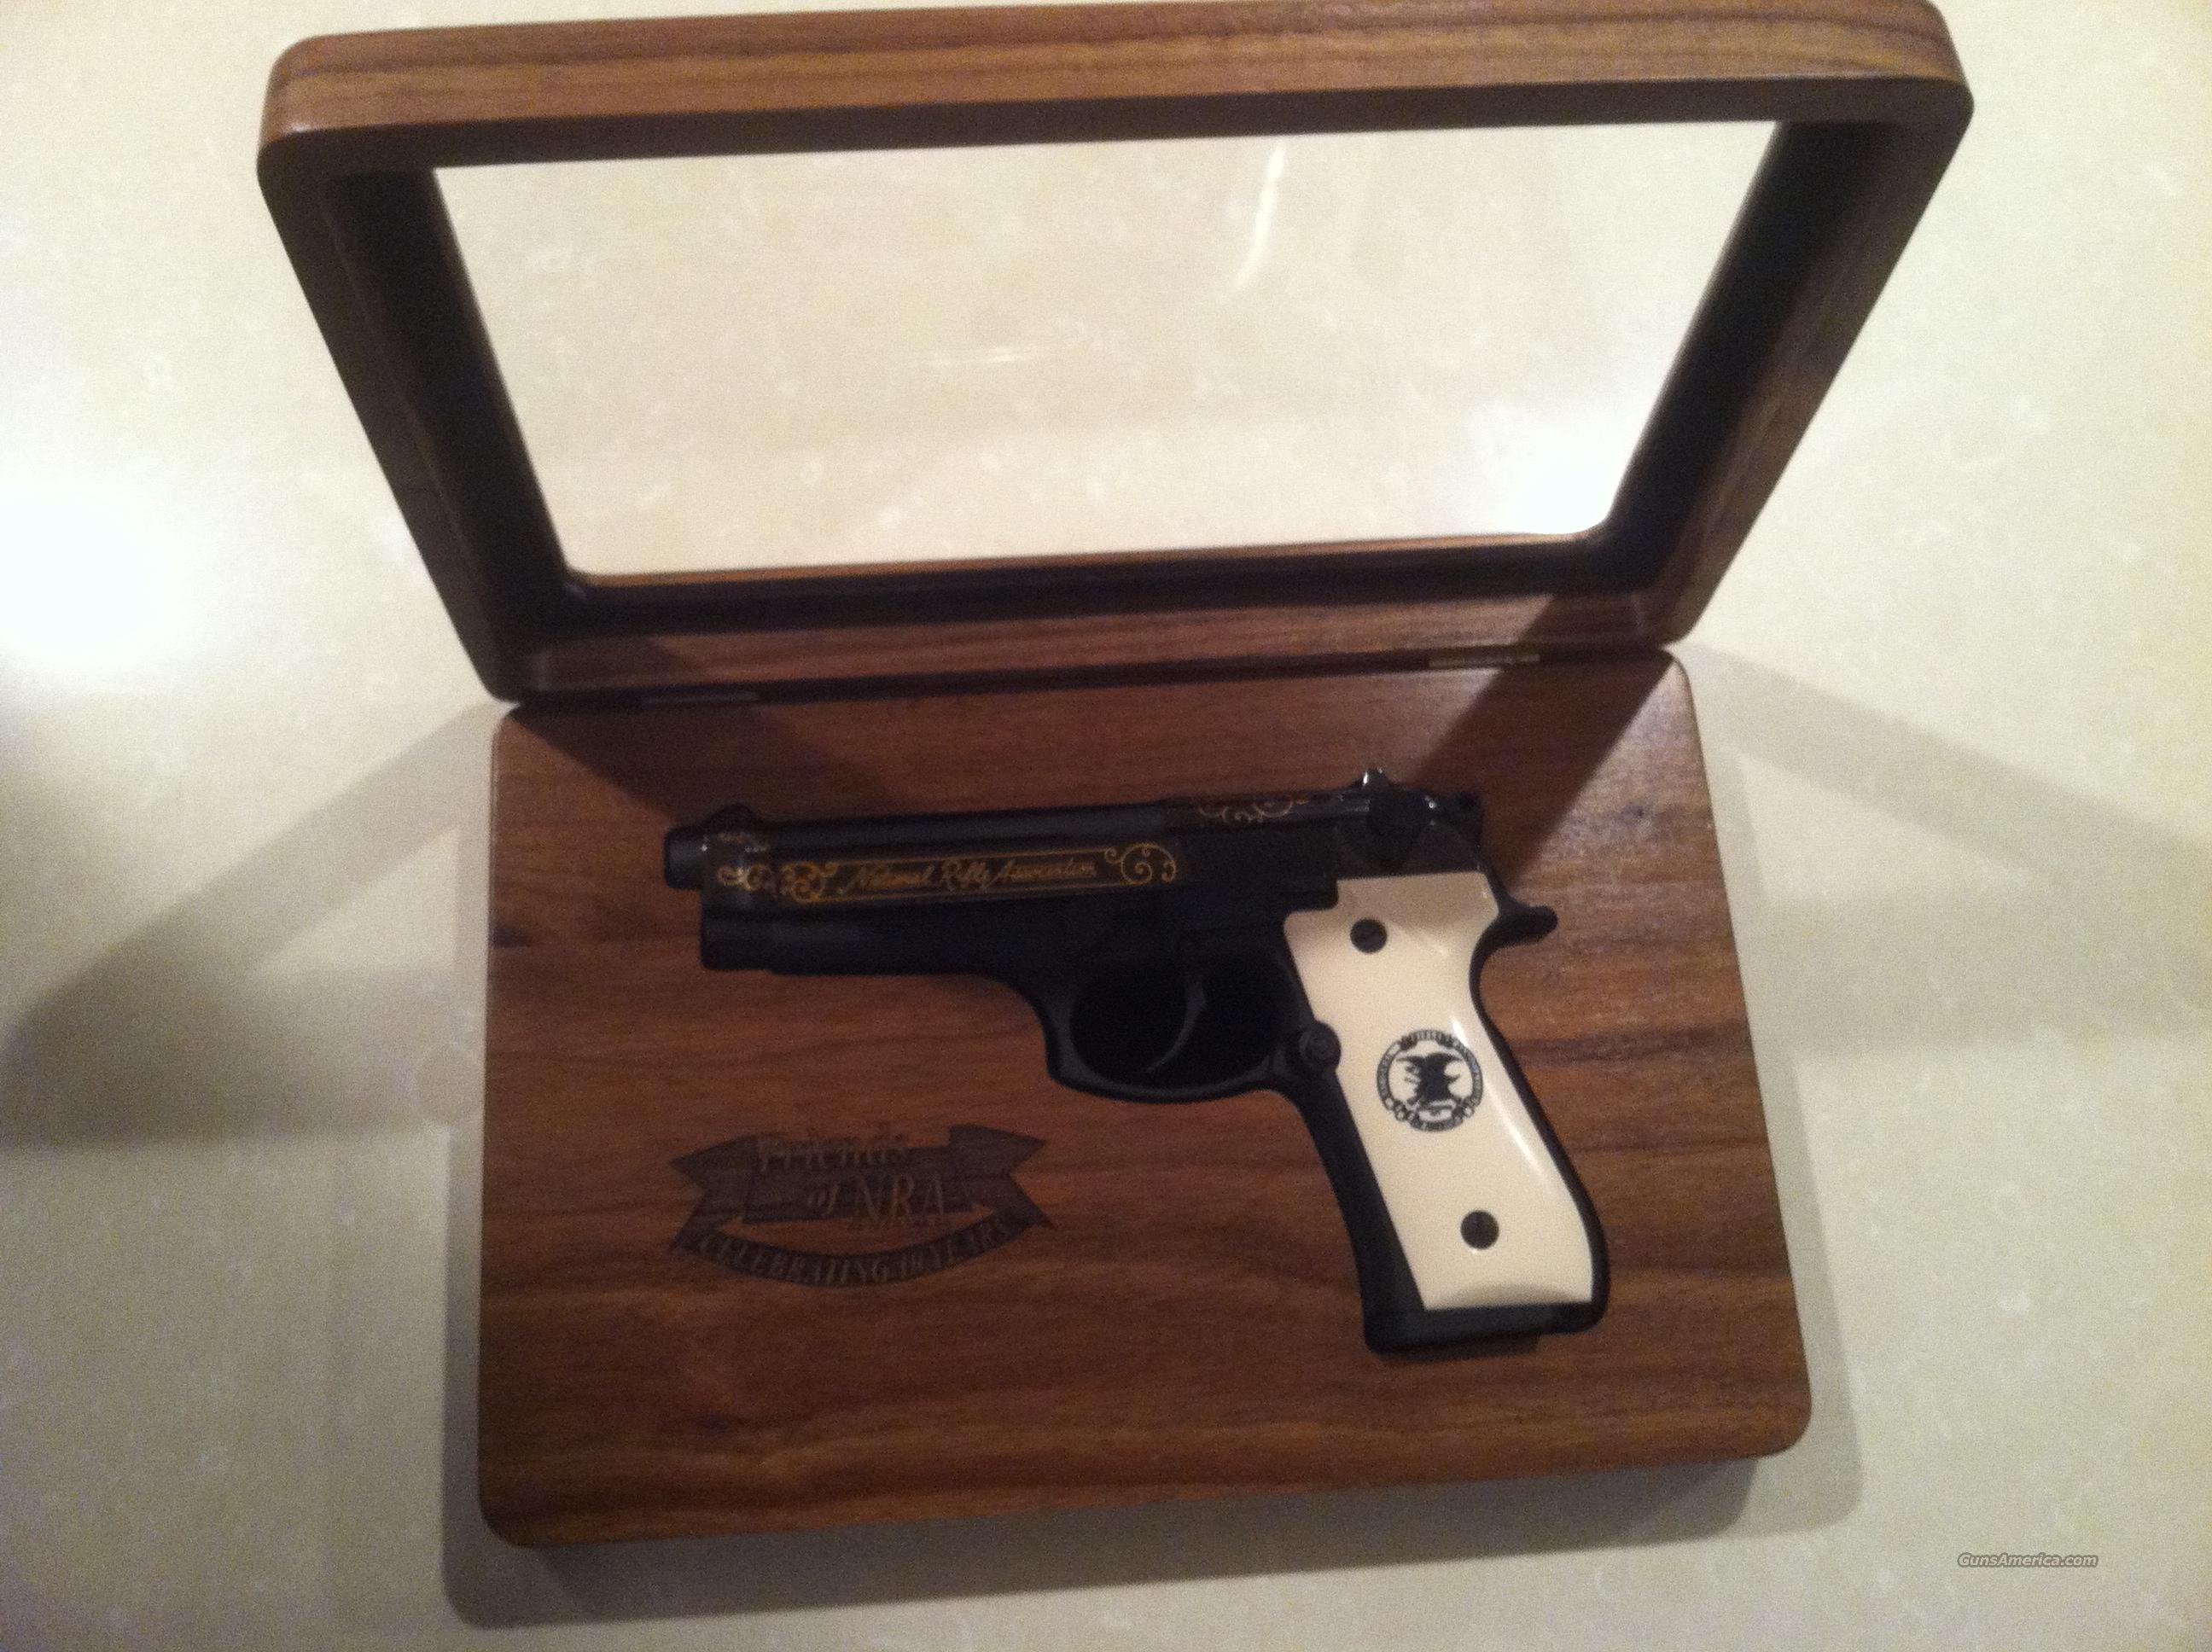 Cased Beretta 96 NRA Commemorative Edition  Guns > Pistols > Beretta Pistols > Rare & Collectible